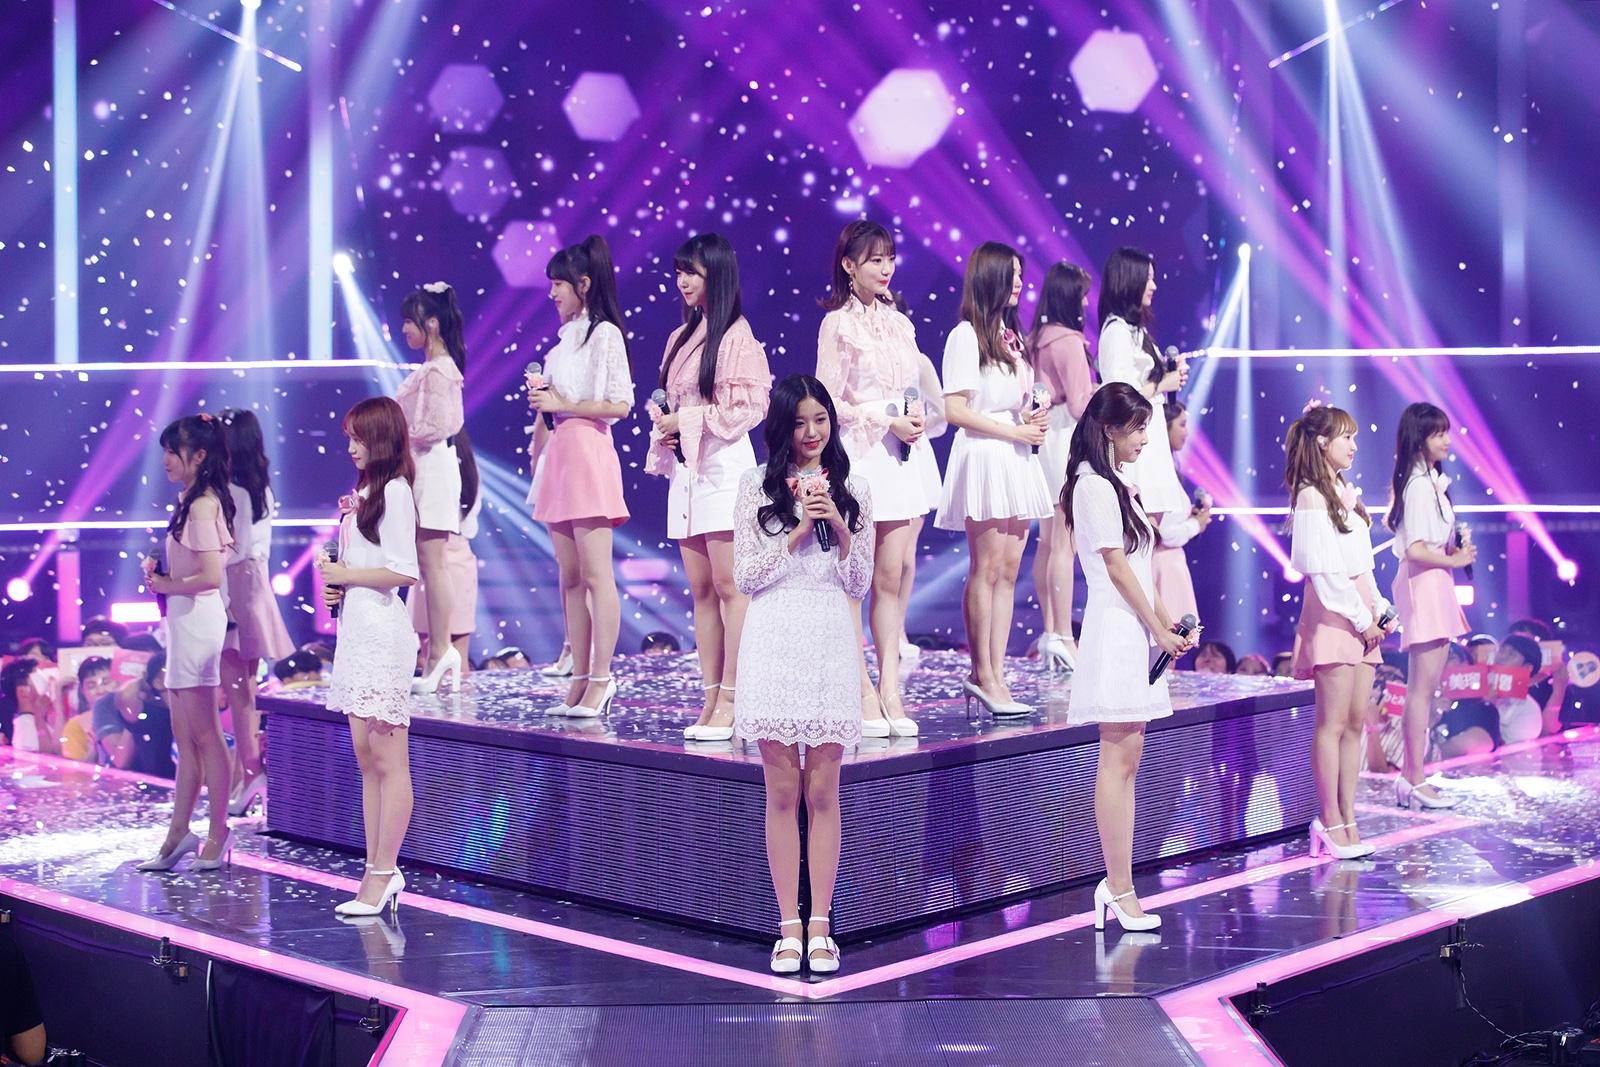 【47の素敵な街へ】AKB48チーム8☆352【本スレ】 YouTube動画>5本 ->画像>54枚